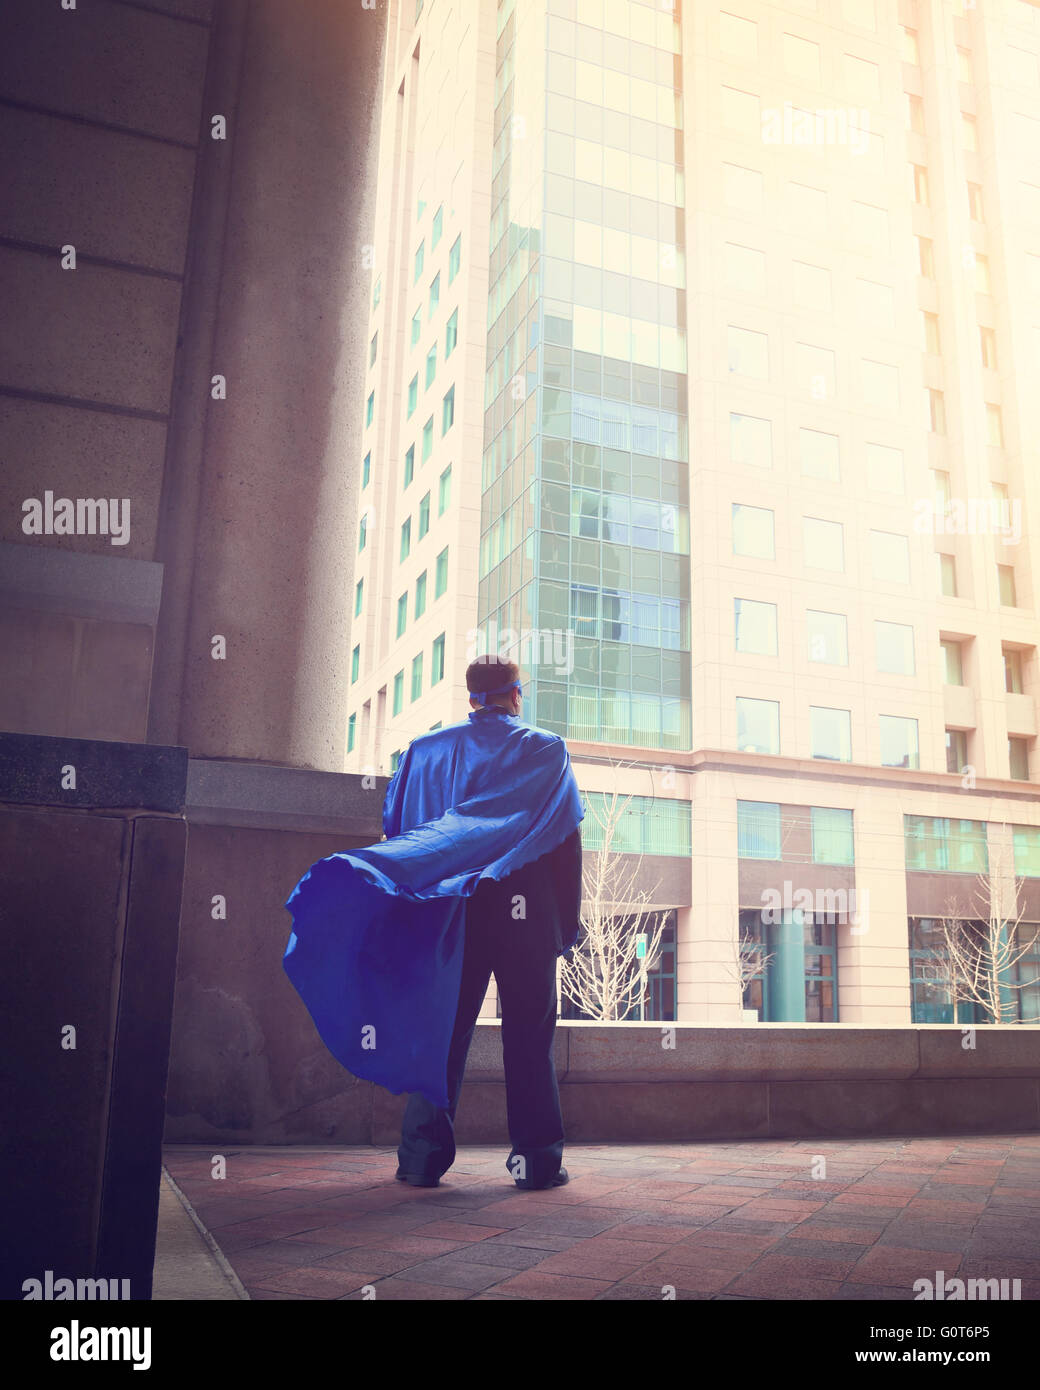 Ein Business-Mann trägt ein super Cape steht in einer Stadt für ein Erfolg, Stärke oder macht Karriere Stockbild